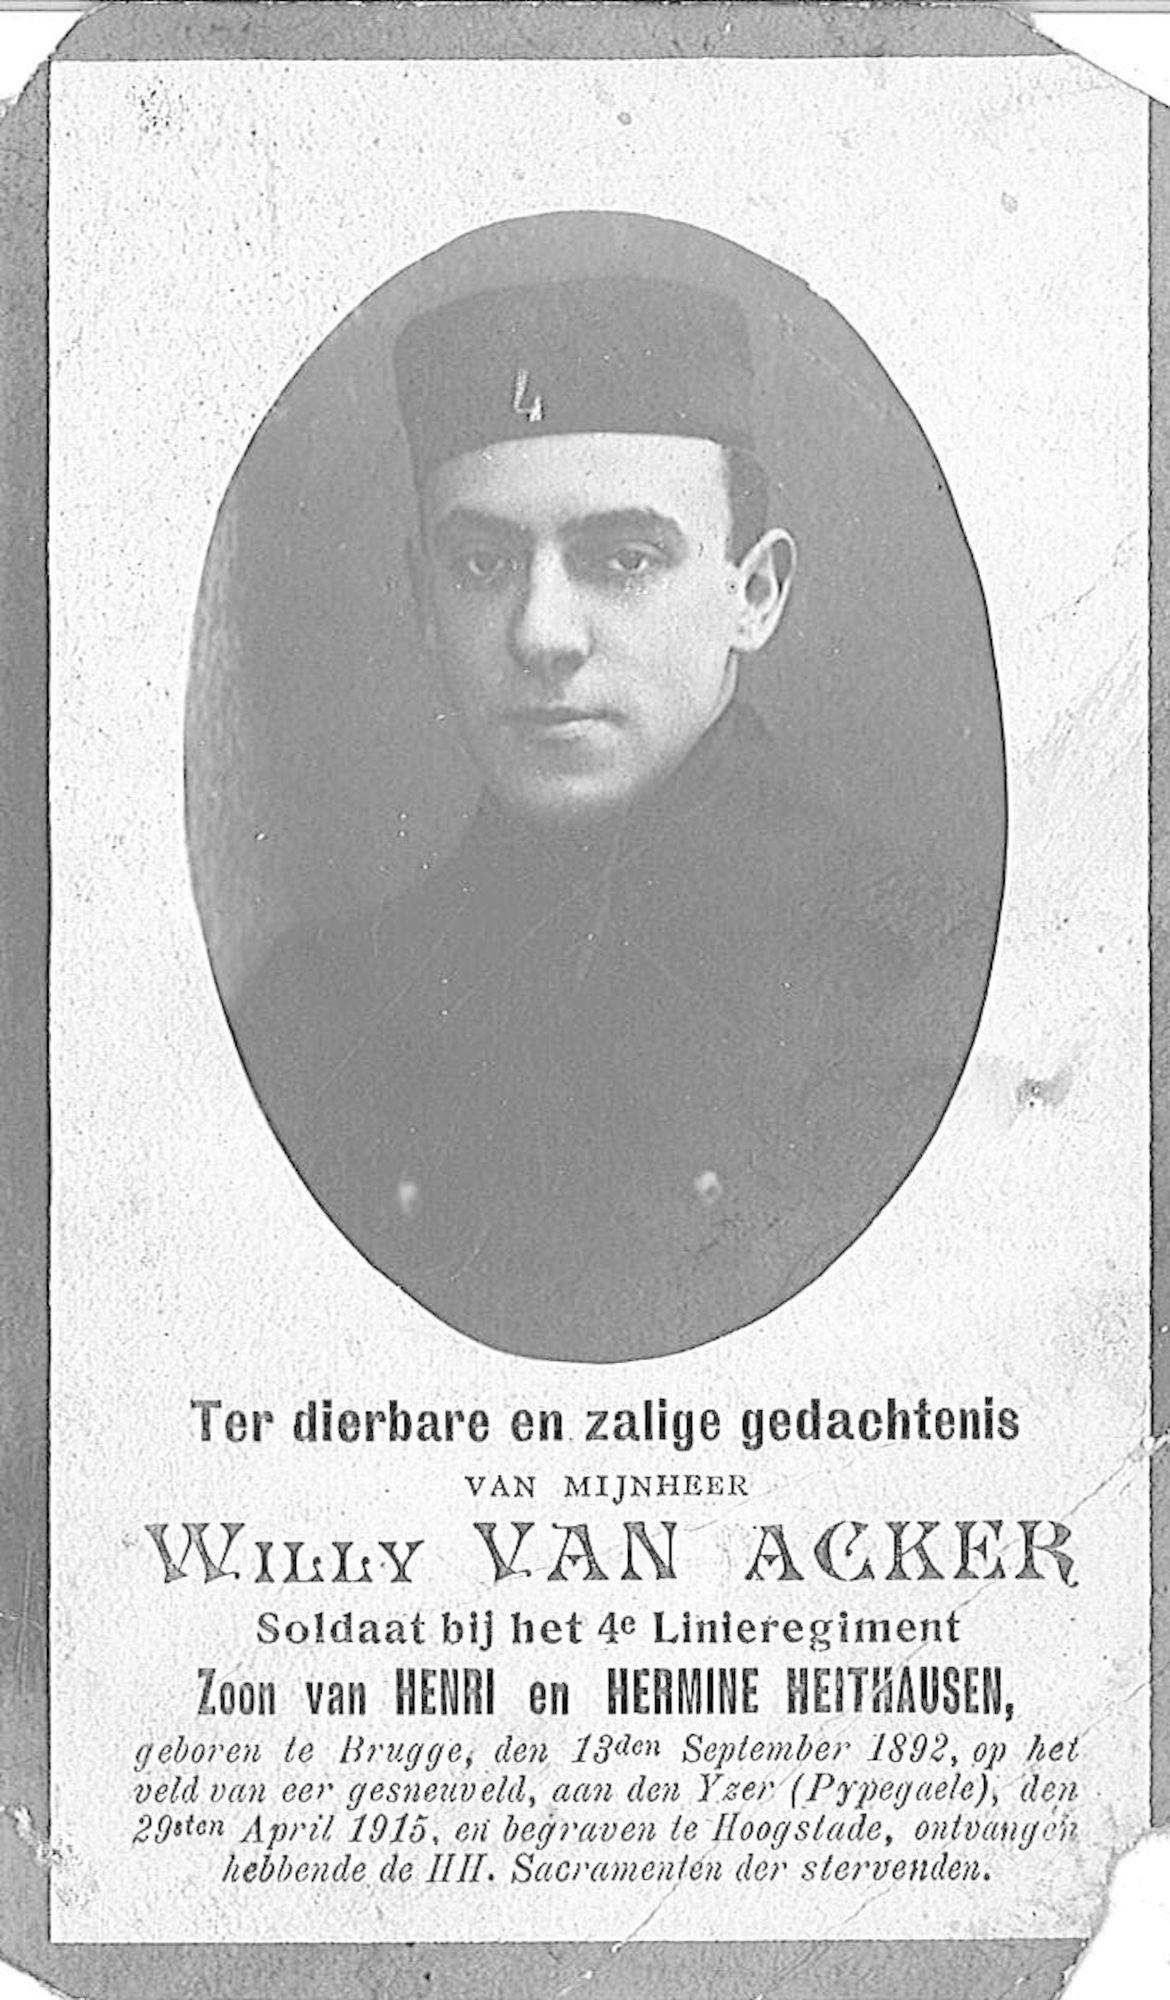 Willy Van Acker